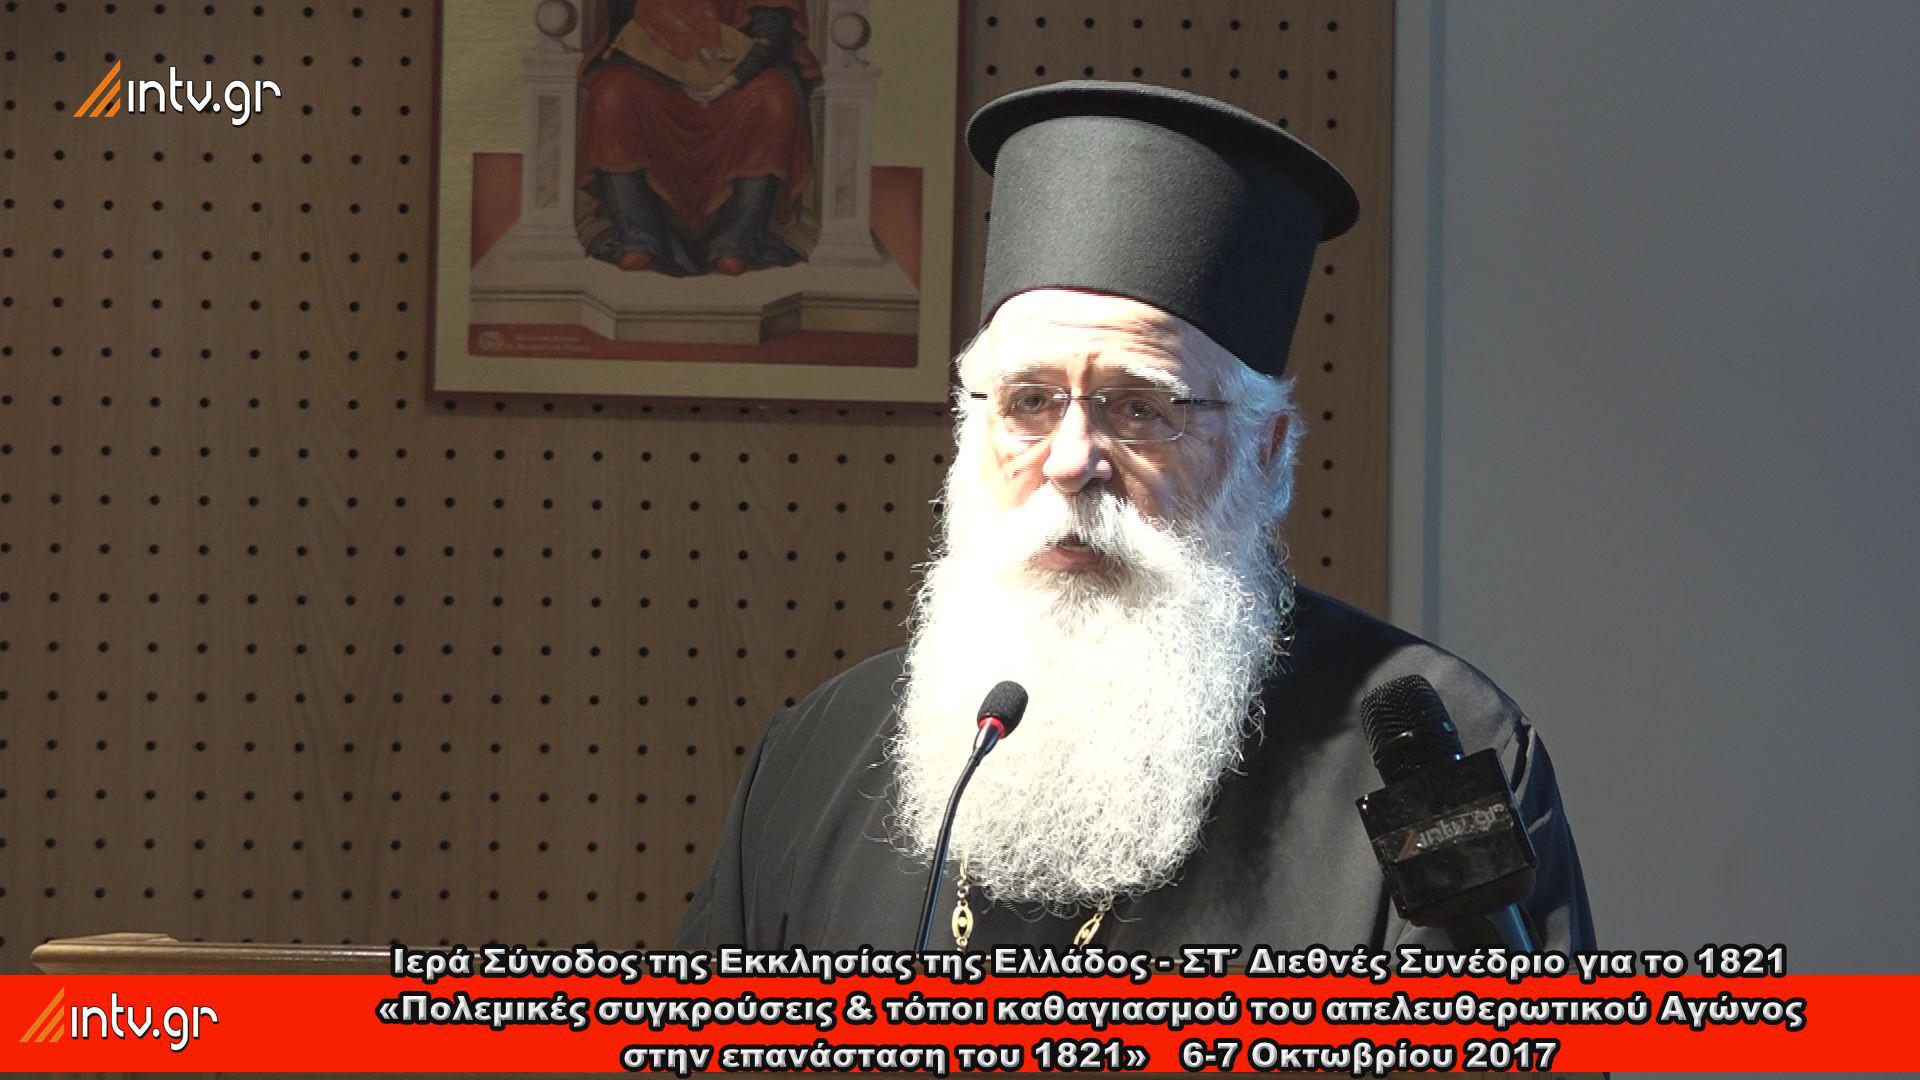 Ιερά Σύνοδος της Εκκλησίας της Ελλάδος - ΣΤ΄ Διεθνές Συνέδριο για το 1821 «Πολεμικές συγκρούσεις & τόποι καθαγιασμού του απελευθερωτικού Αγώνος στην επανάσταση του 1821»